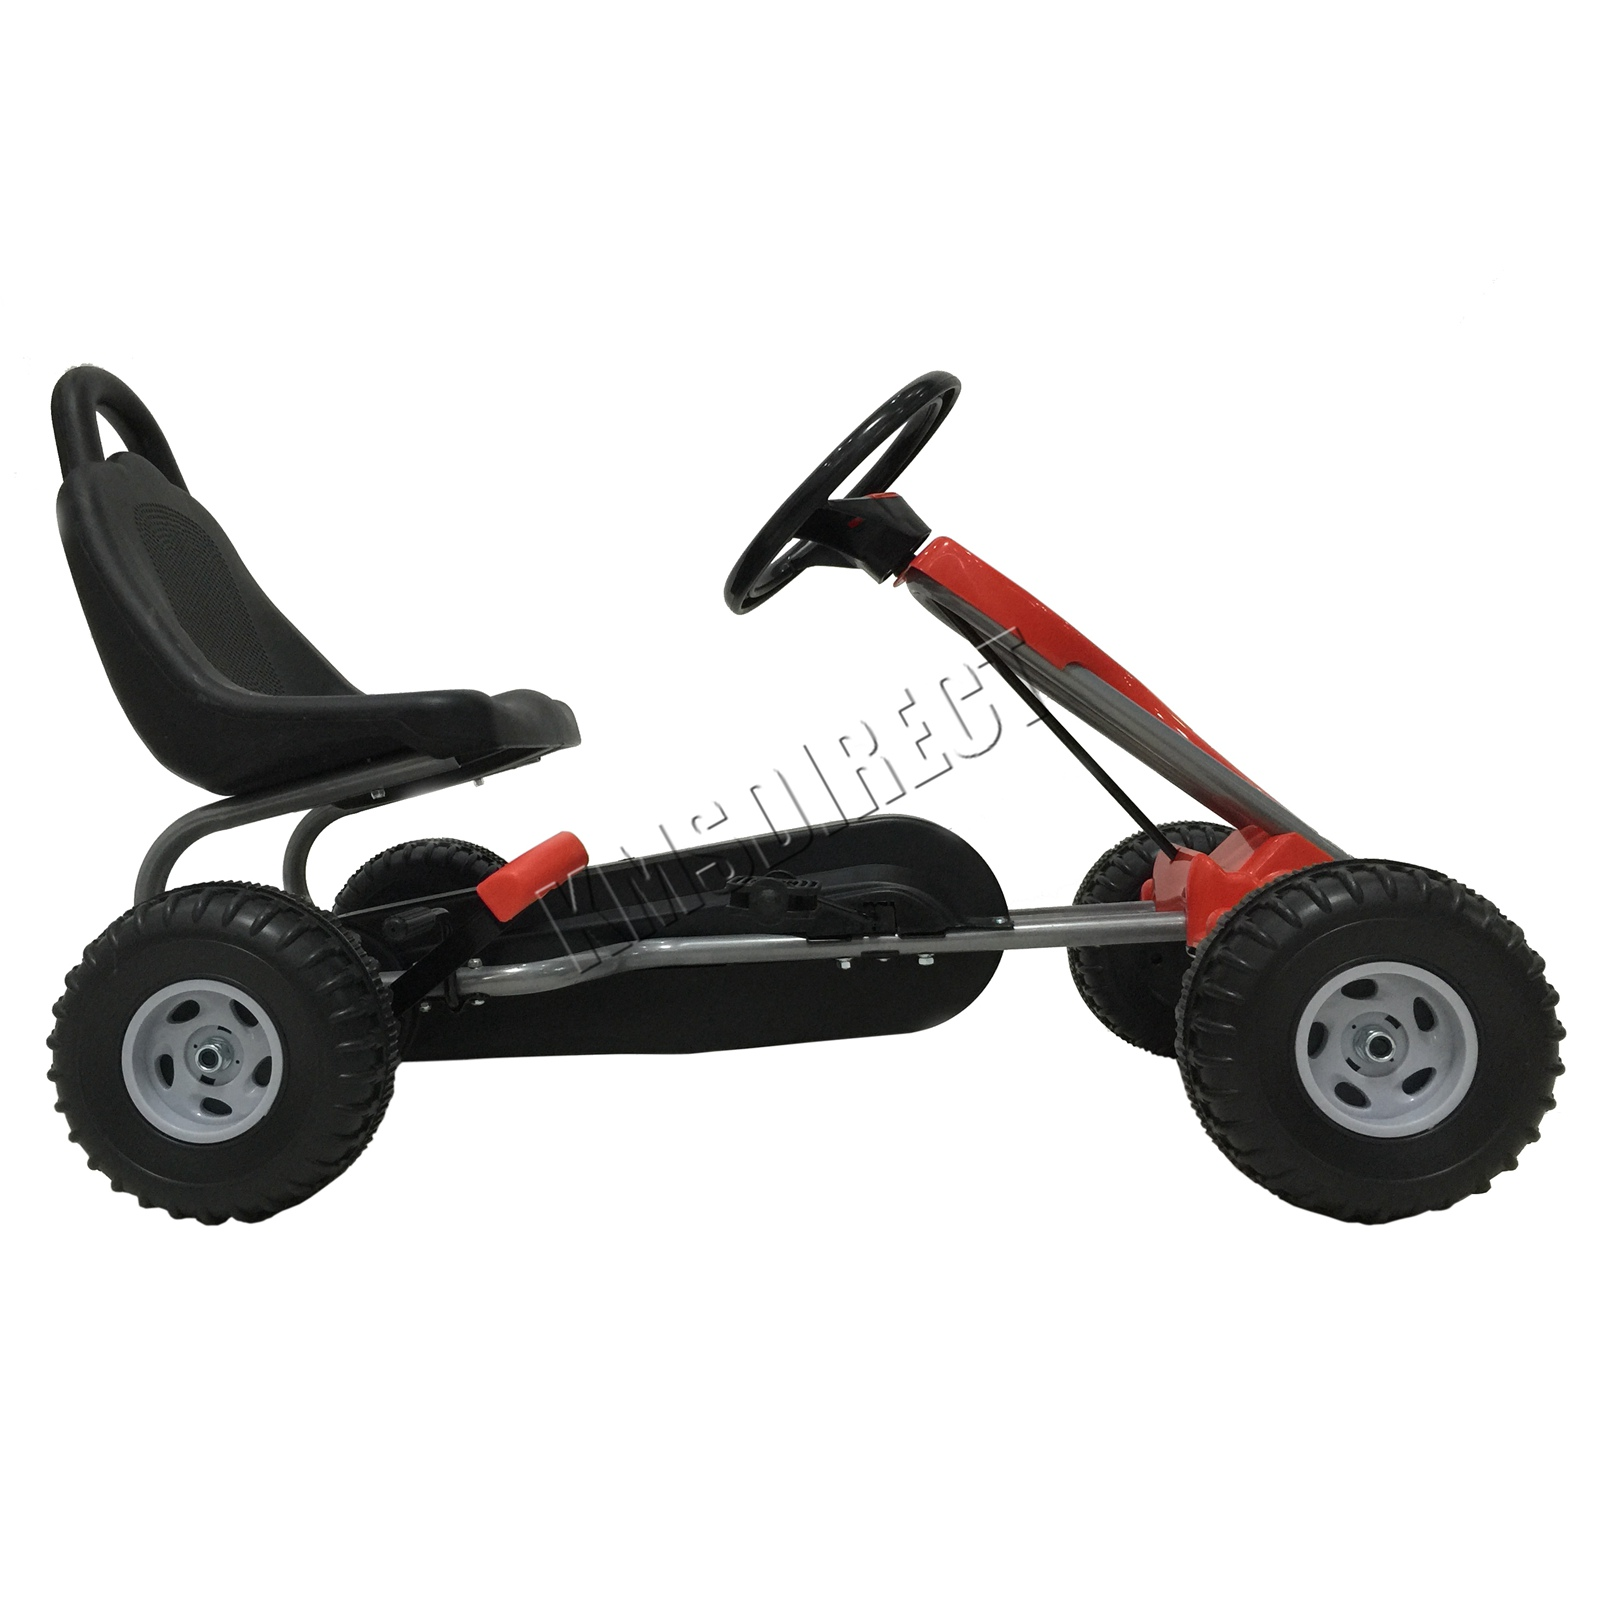 foxhunter kinder go kart pedale auto f r kinder gocart. Black Bedroom Furniture Sets. Home Design Ideas